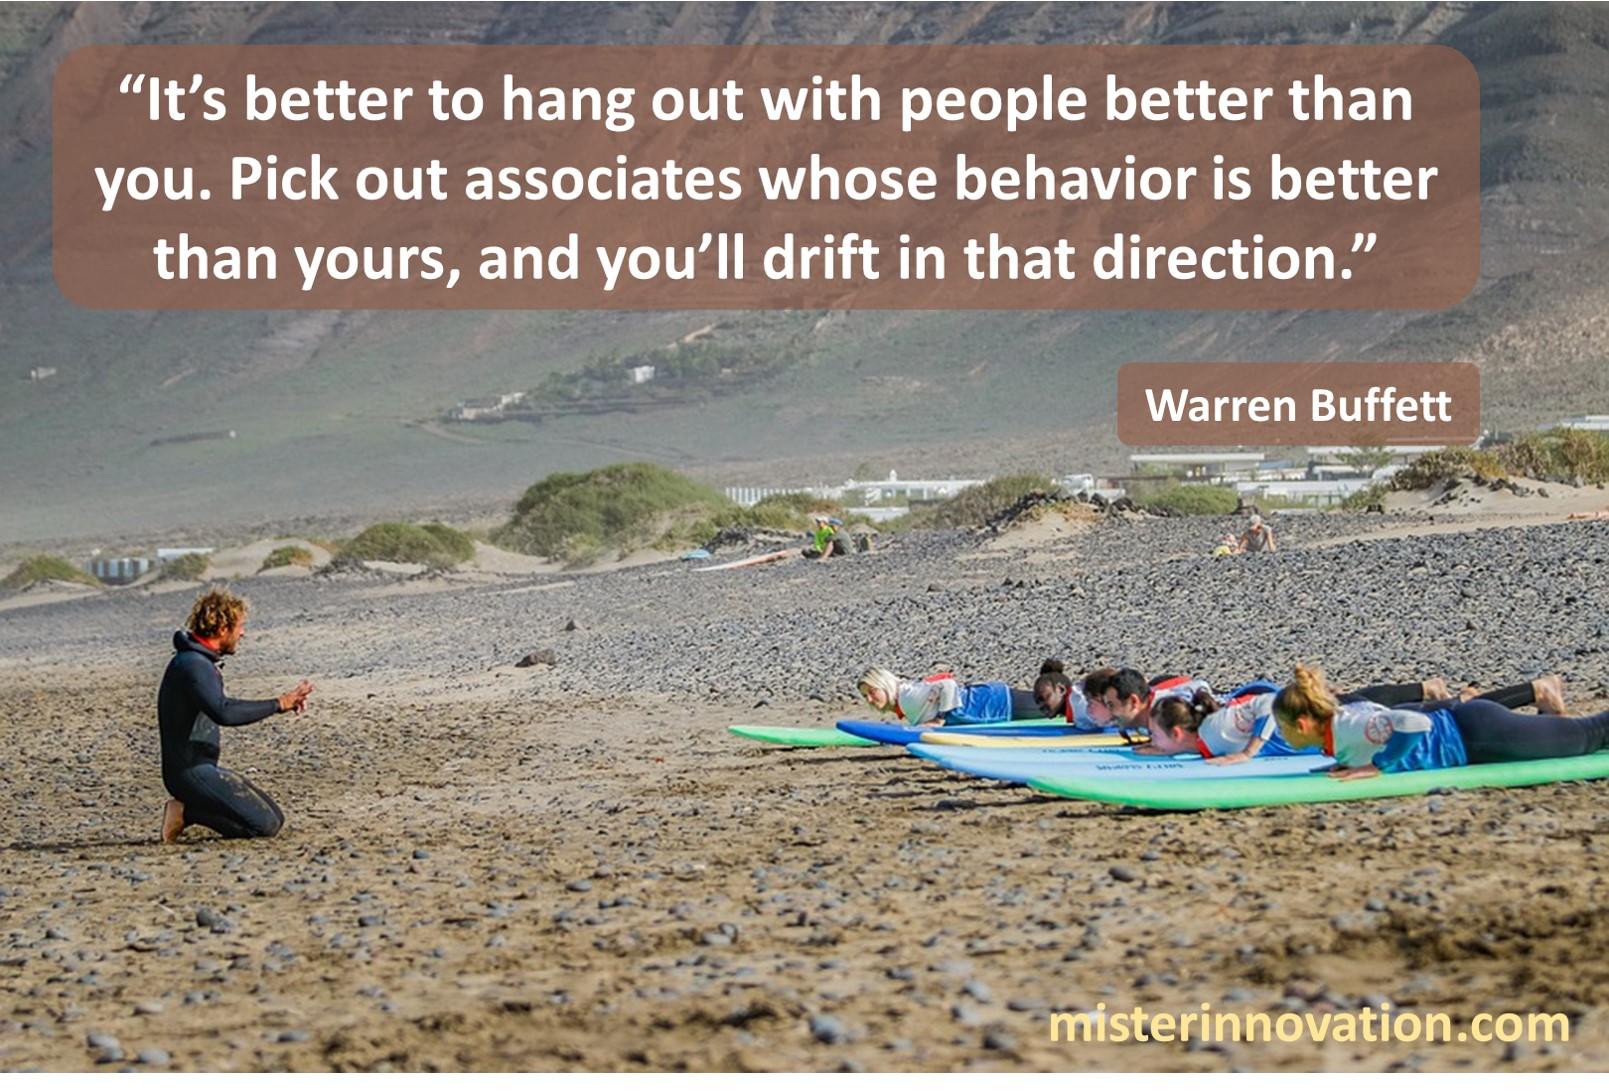 Warren Buffett Associates